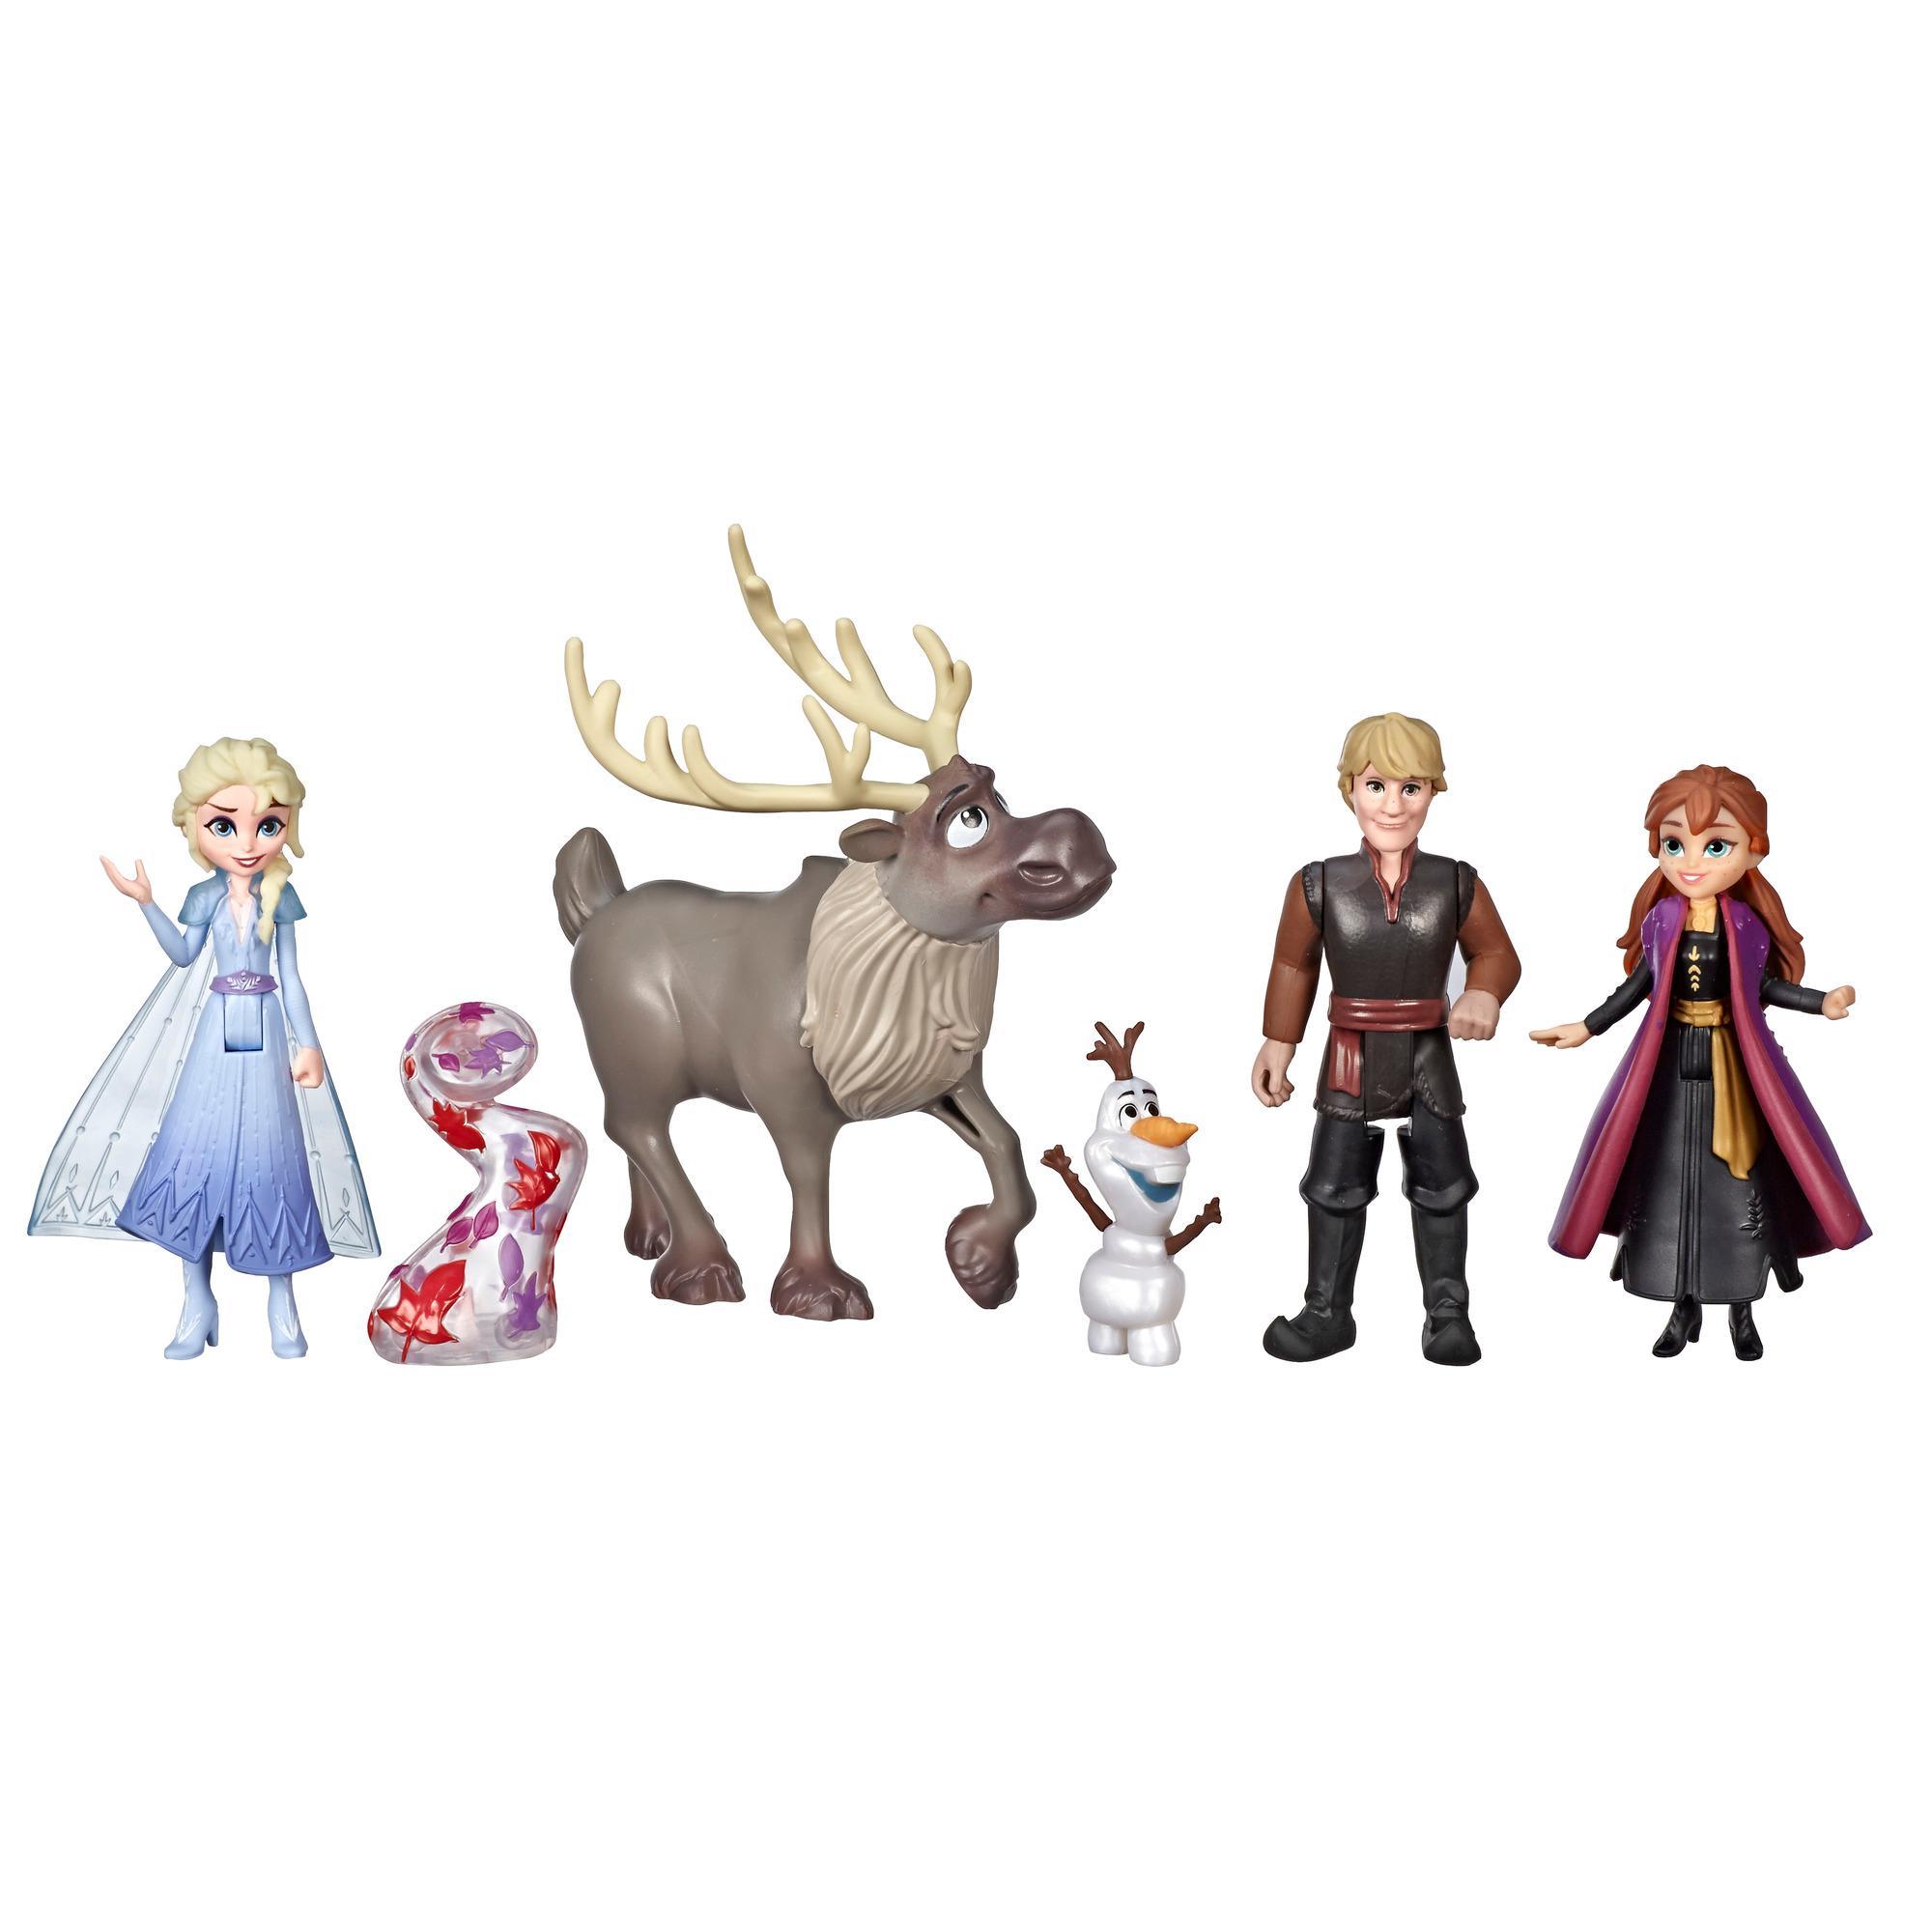 Disney Frozen Colección de aventura, 5 figuras de Frozen II, Anna, Elsa, Kristoff, Sven, Olaf y accesorio de espíritu de viento